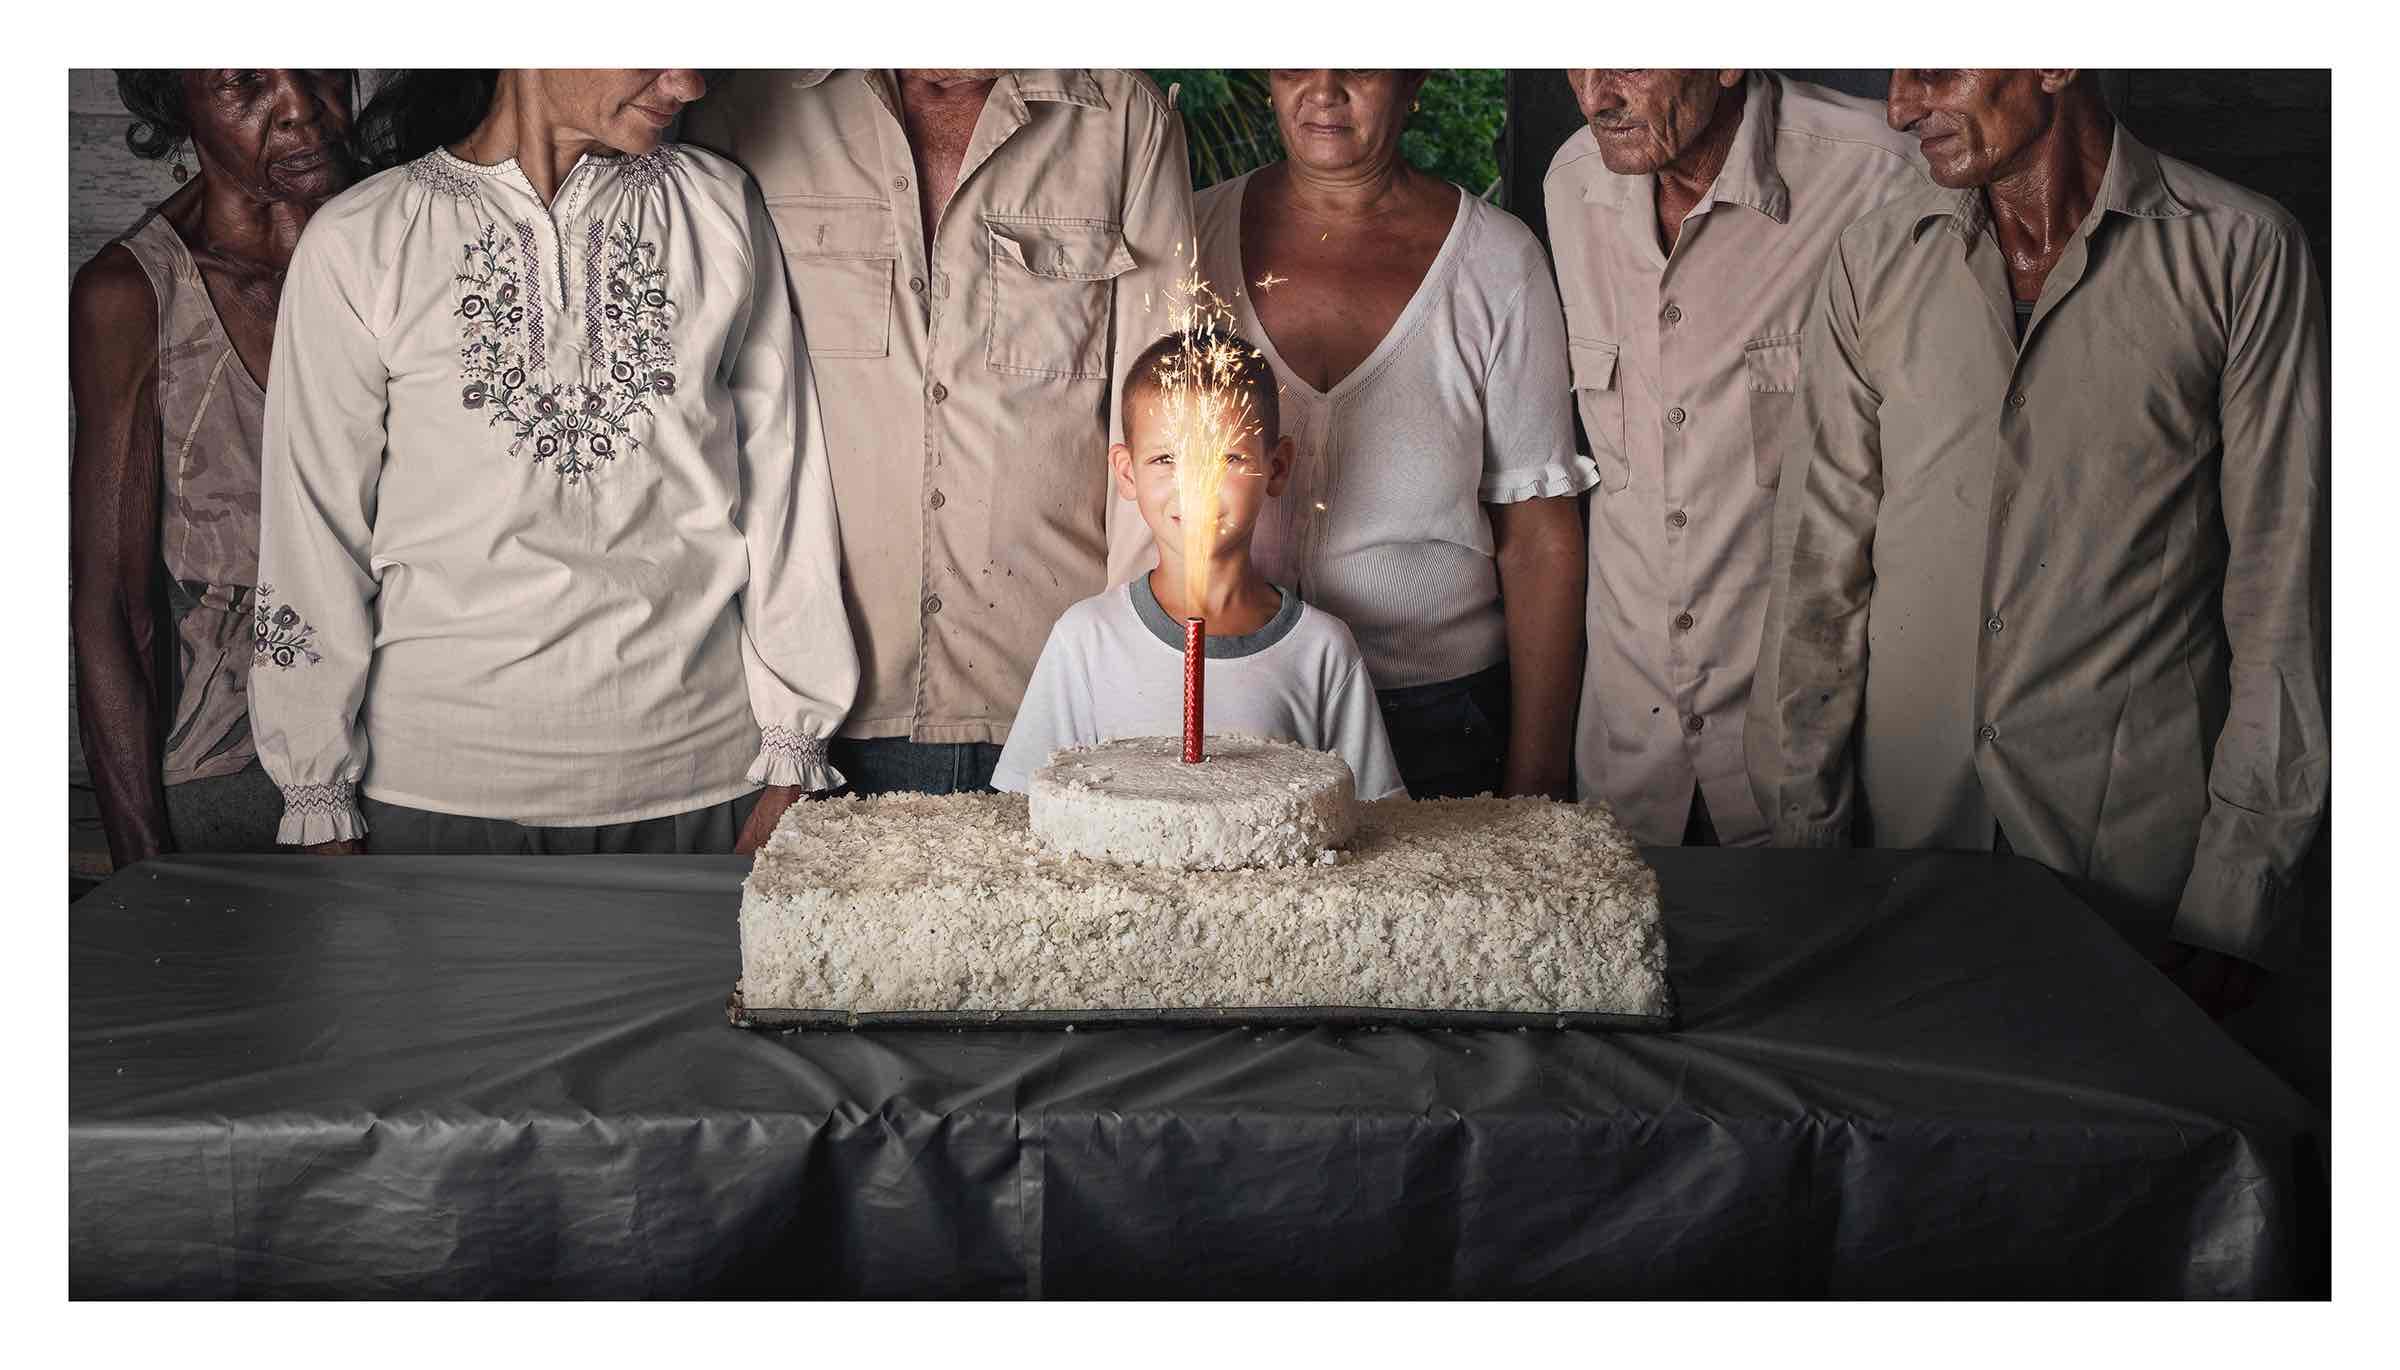 Obra: El cumpleaños